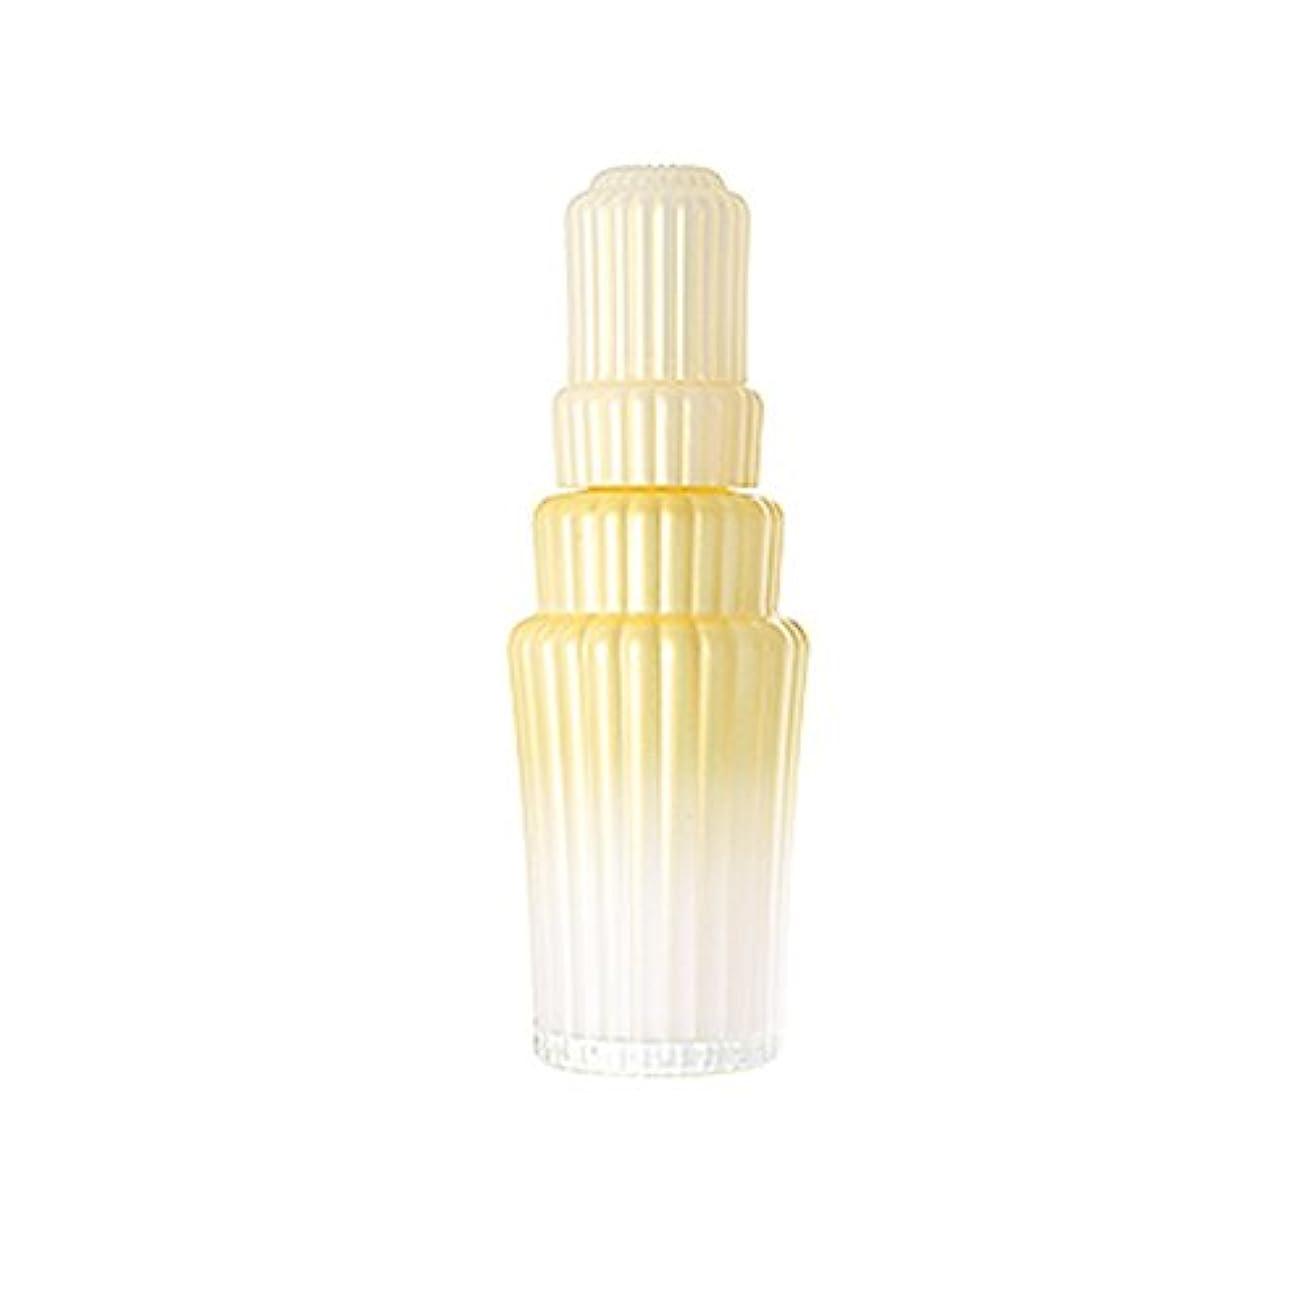 洗練アジテーション変更アユーラ (AYURA) モイスチャライジングプライマー コンビネーションドライ W (医薬部外品) 100mL 〈美白化粧液〉 混合乾燥ケア うるおい アロマティックハーブの香り